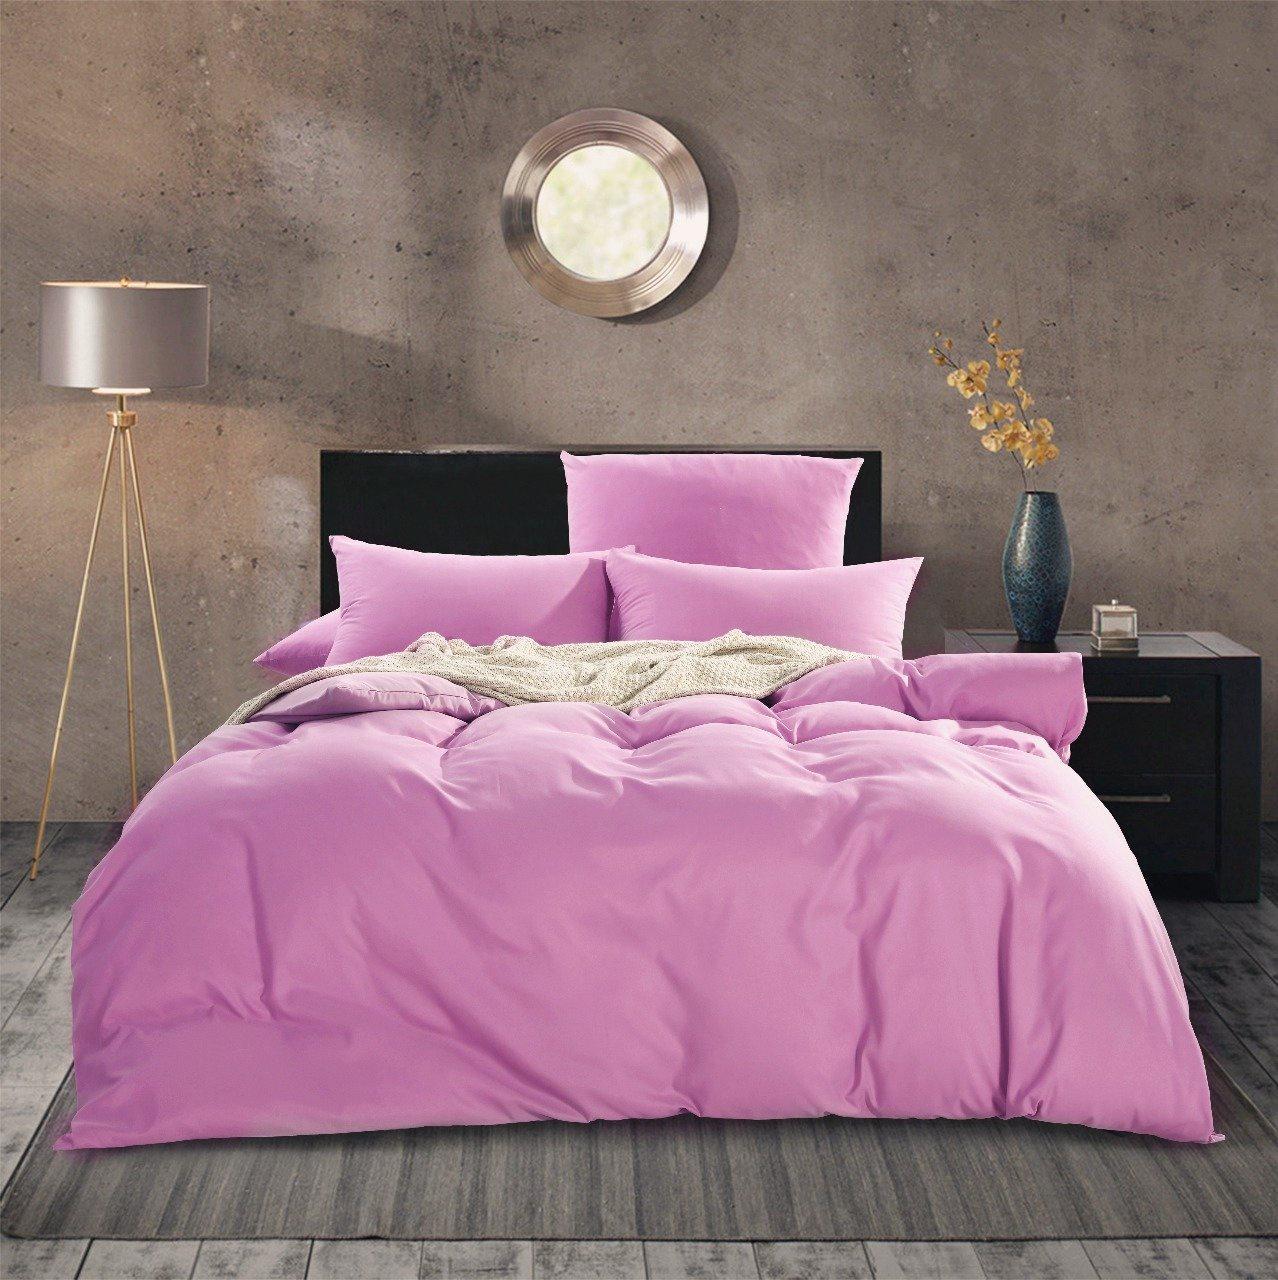 Комплект постельного белья Ситрейд CS019-2 50-70 2 спальный, наволочки шт